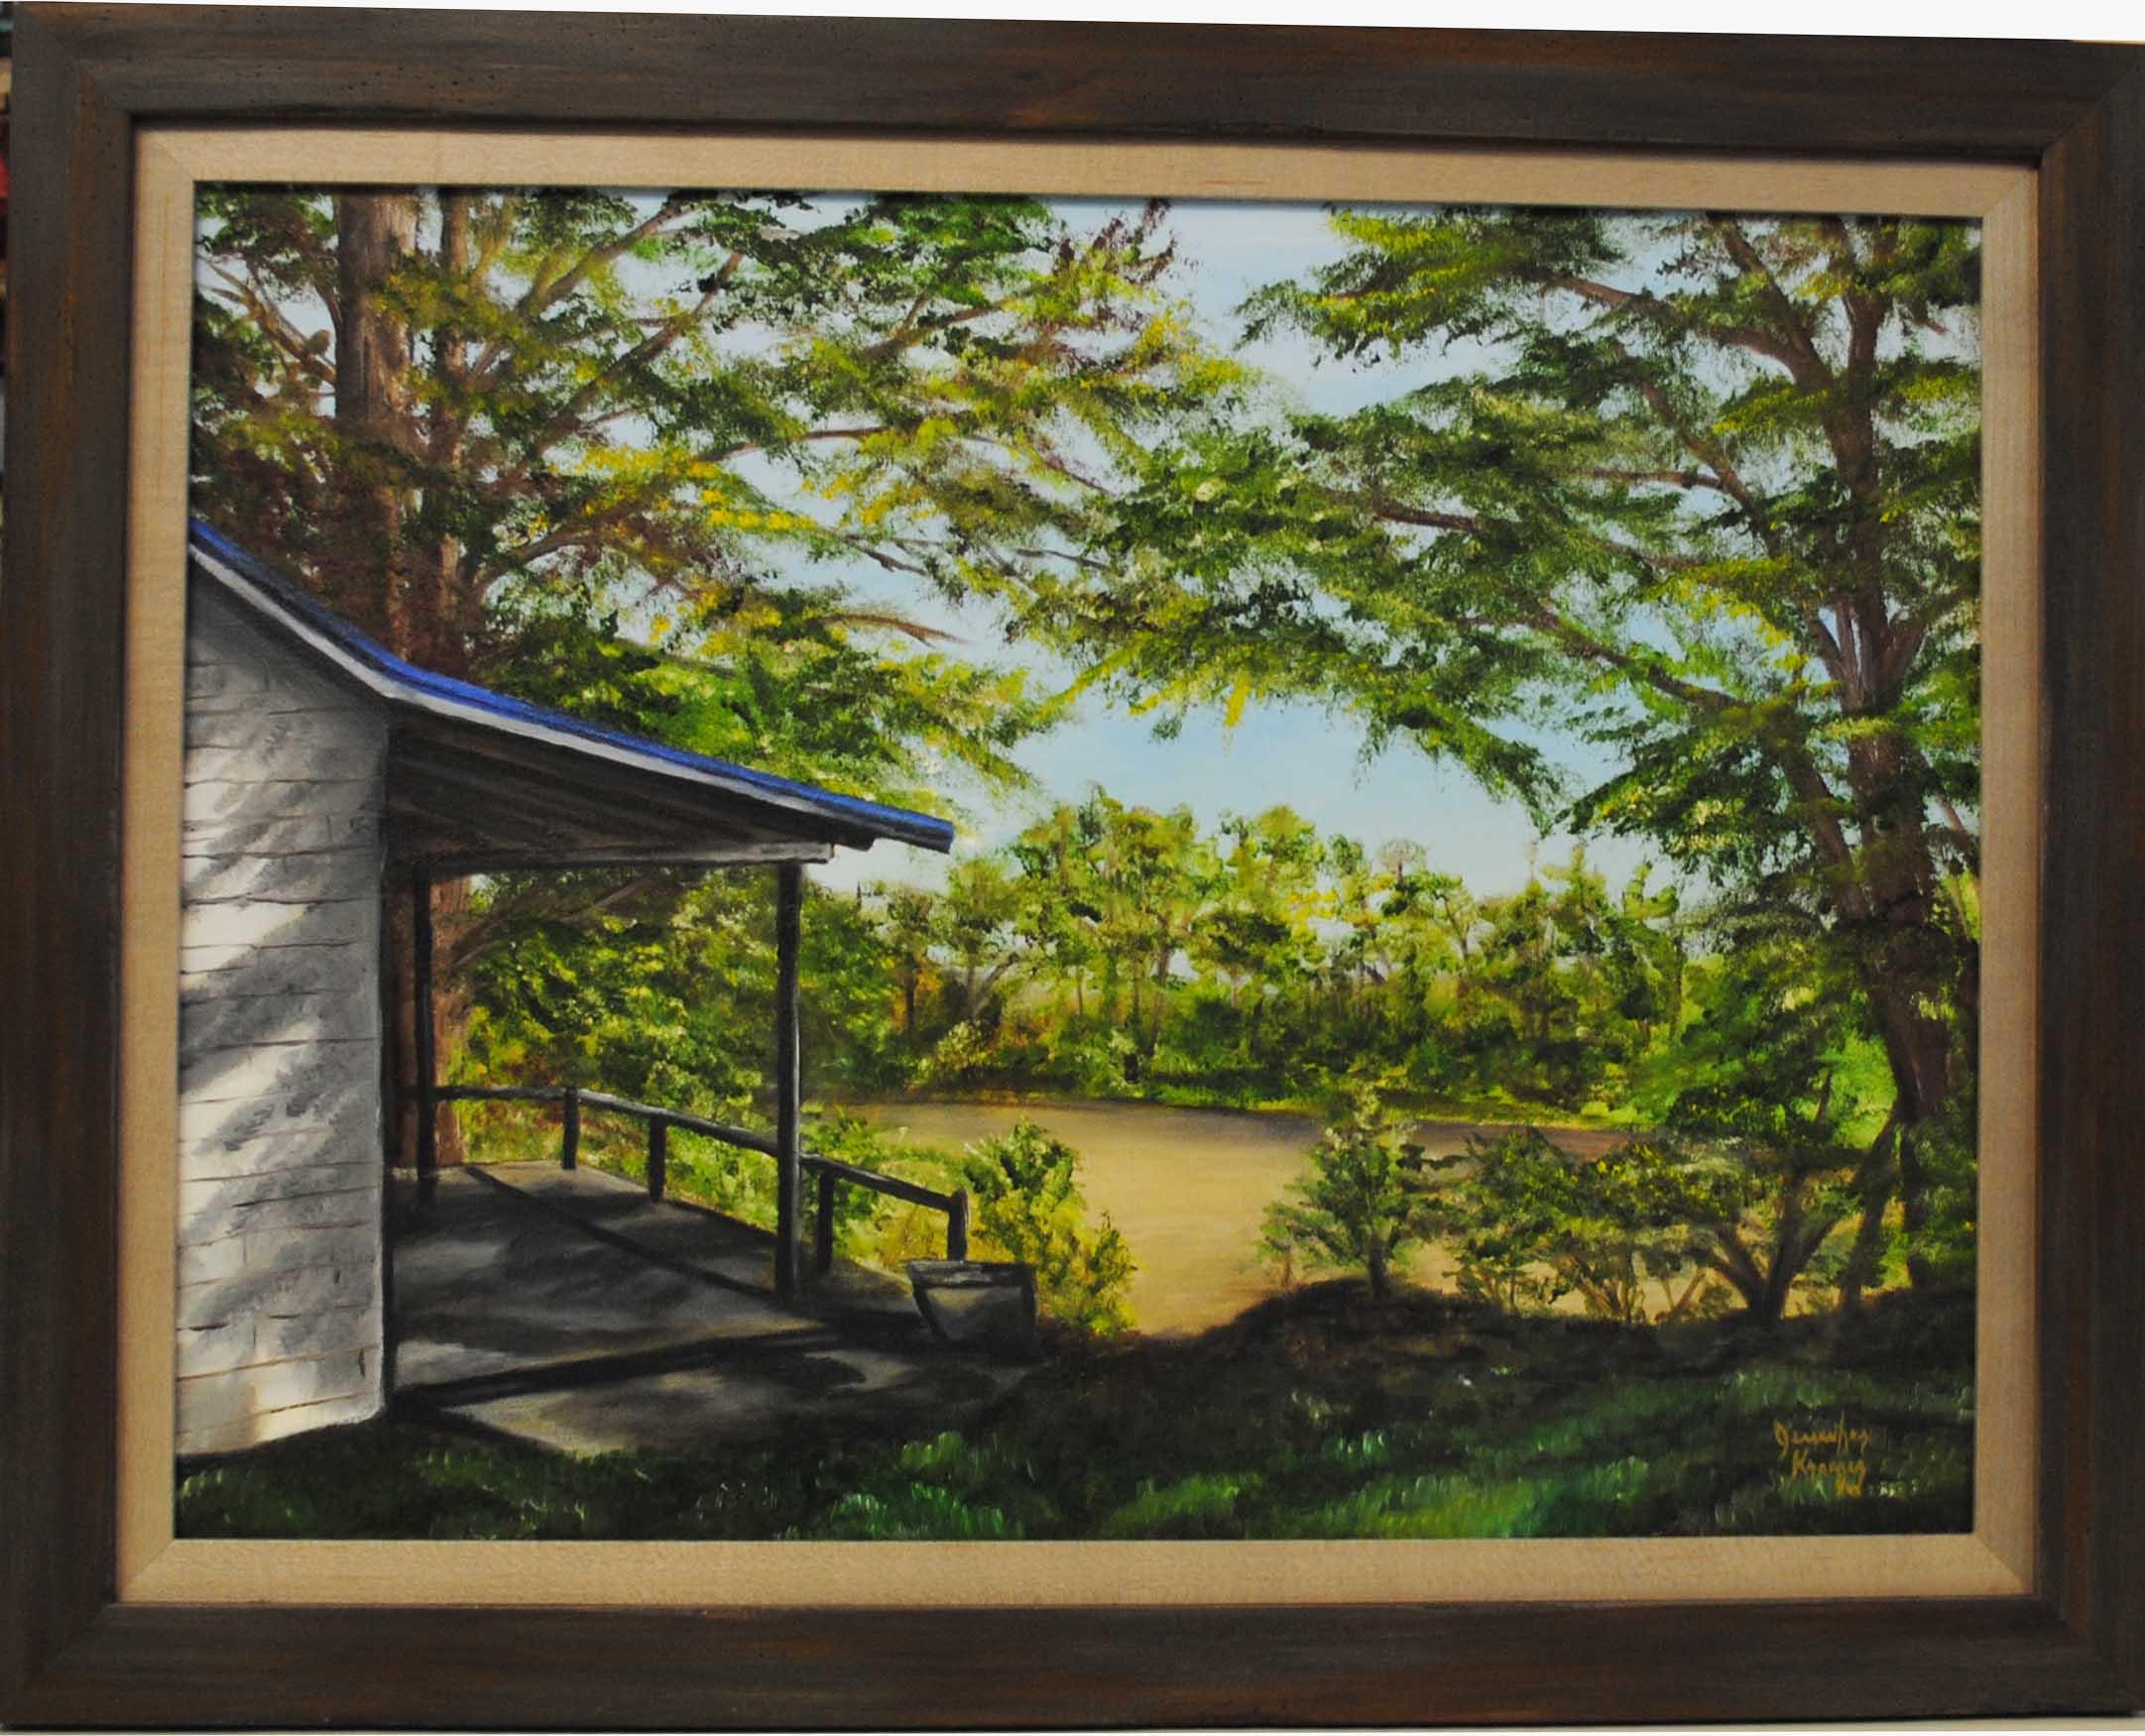 Gallery owensboro ky studio 105 art frame jeuxipadfo Images